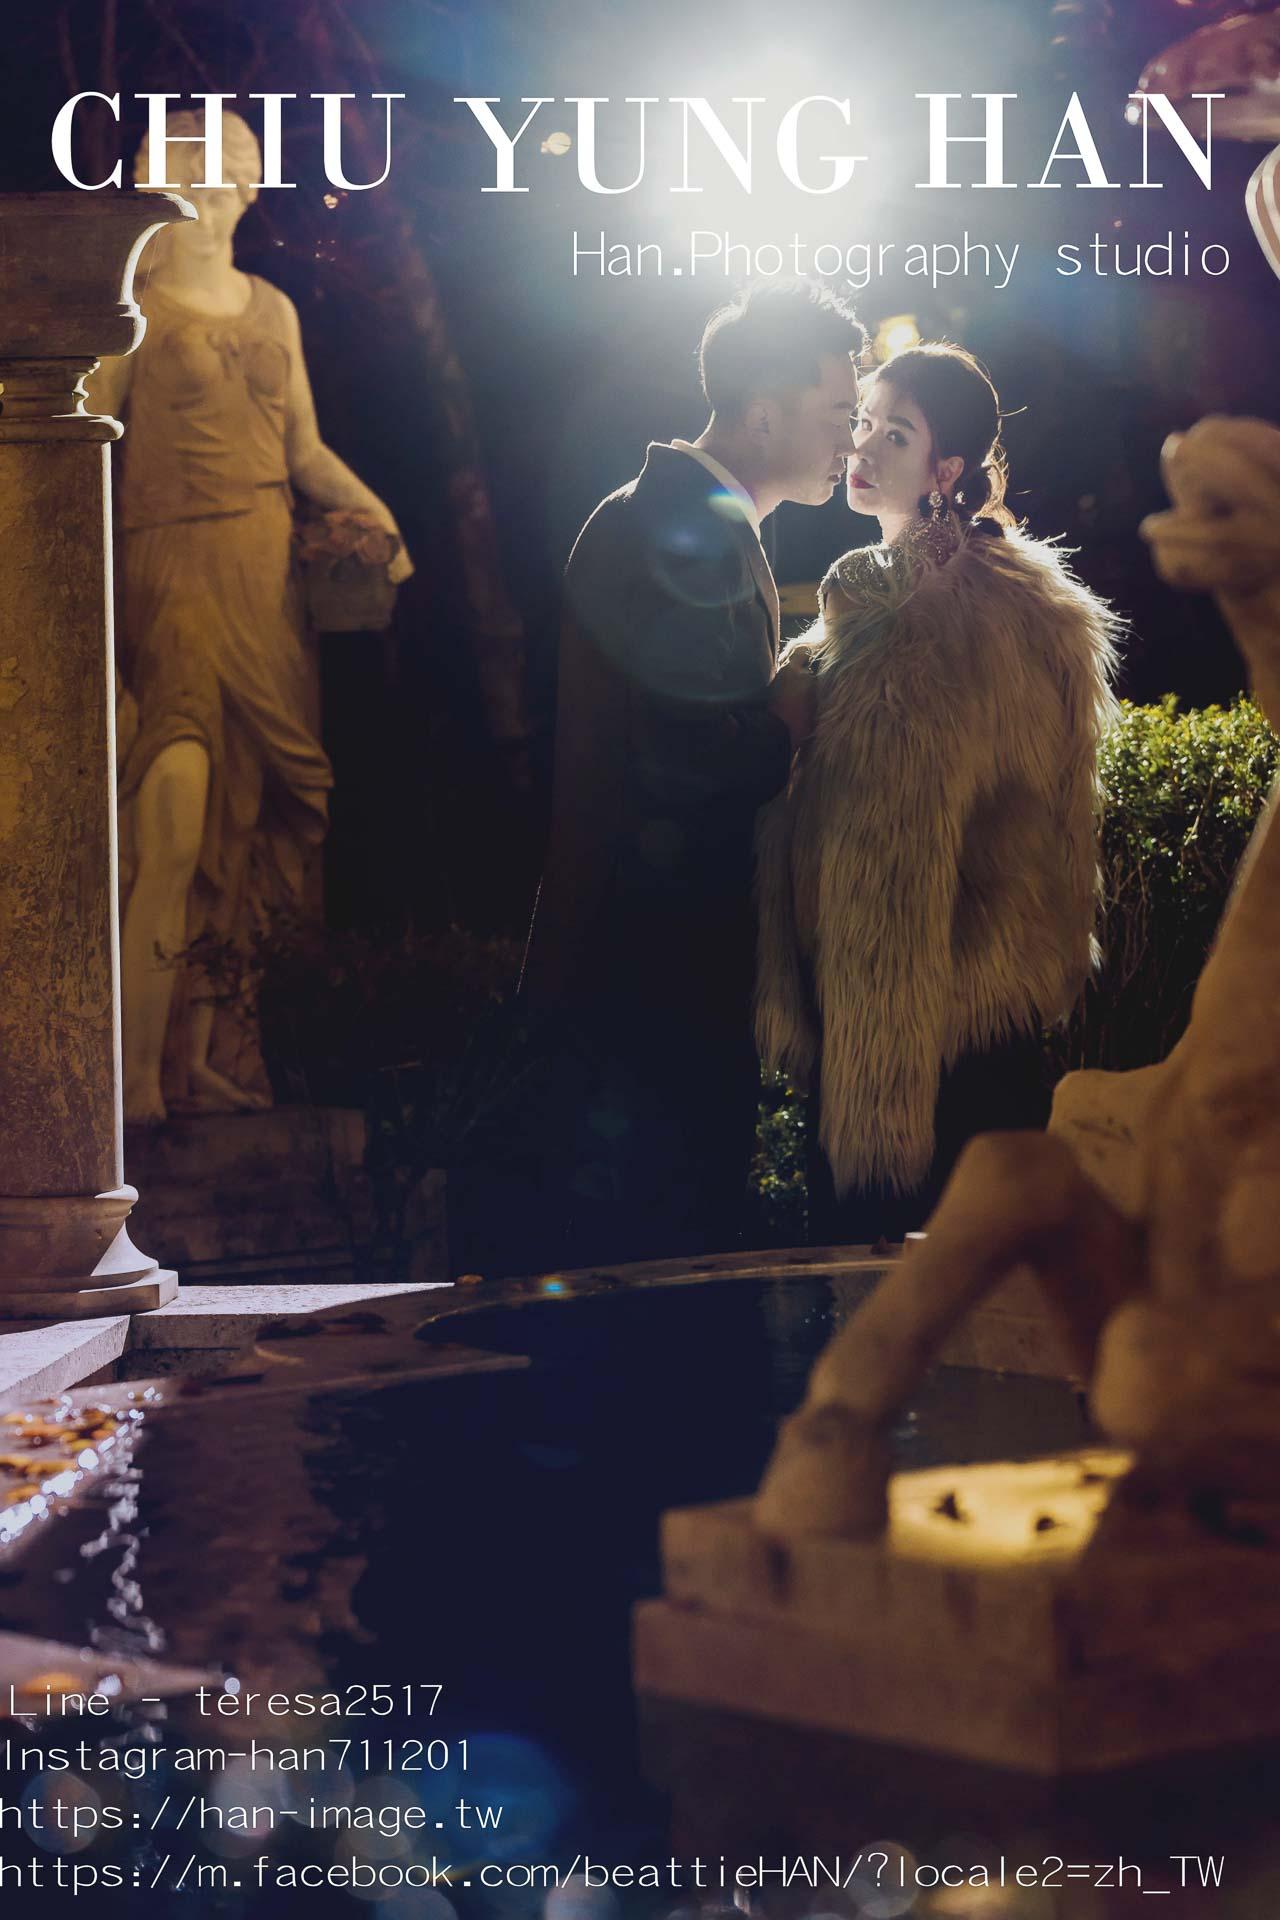 歐風古堡婚禮,清境老英格蘭婚紗,兩天一夜旅拍,周杰倫與昆凌,旅拍